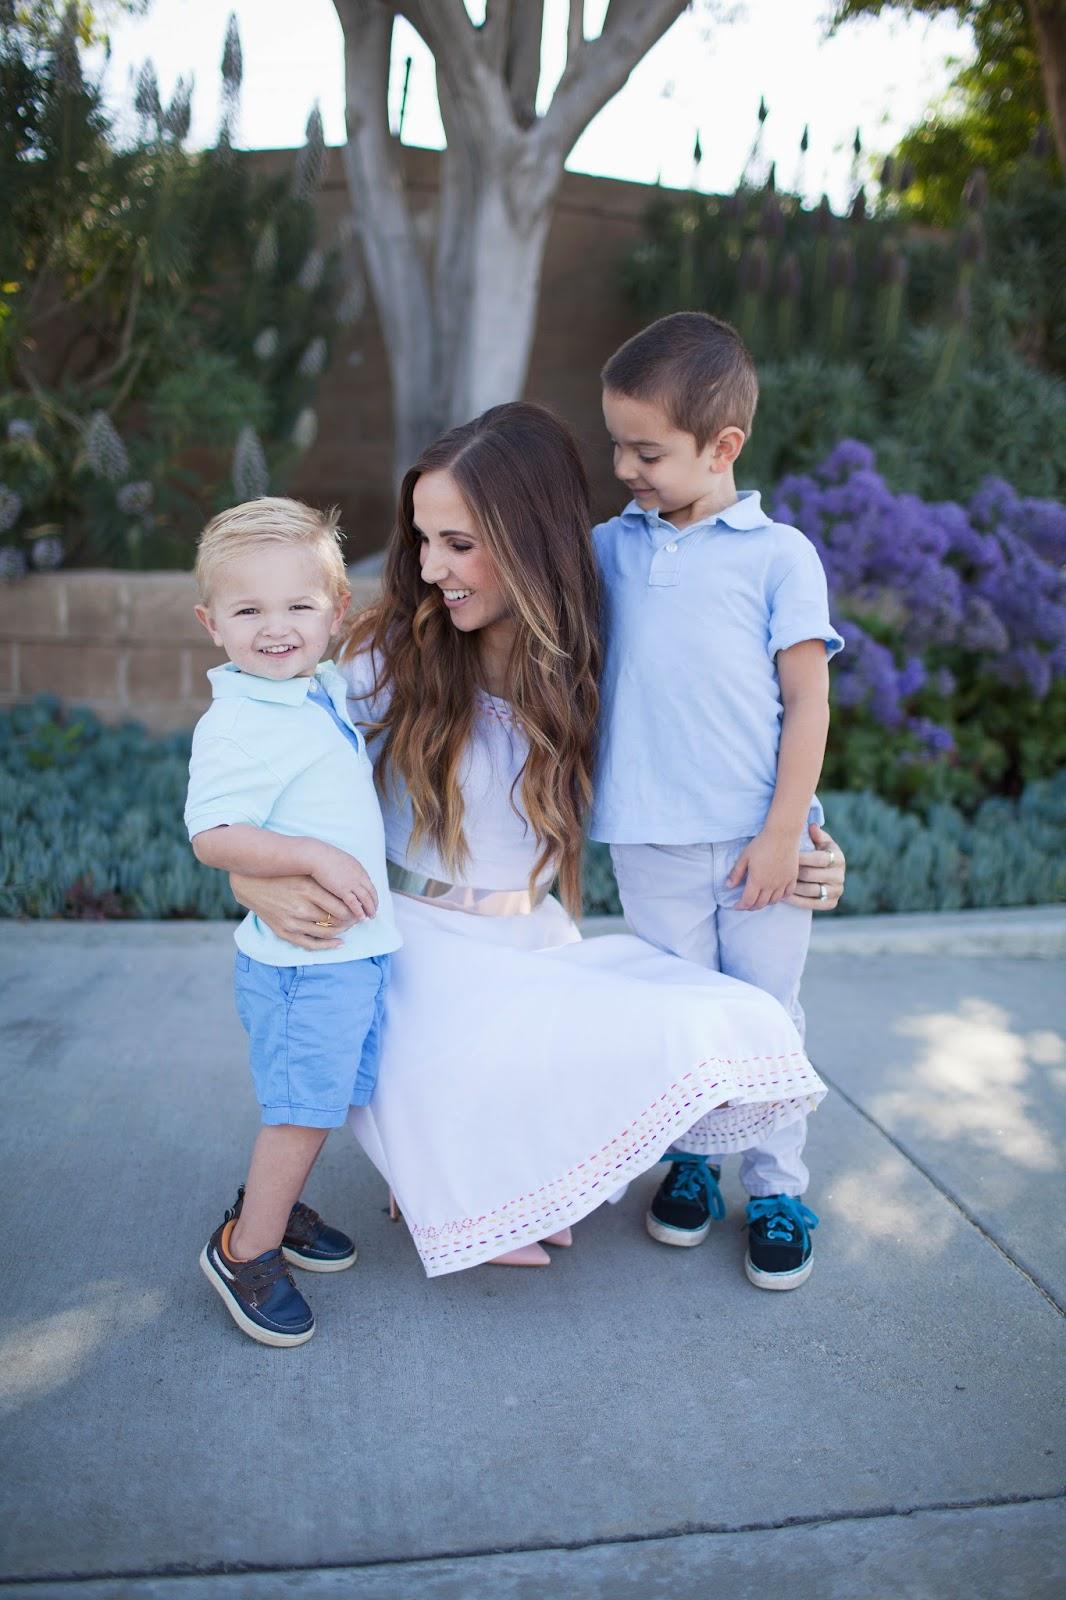 Merrick S Art Mother Day White Dress